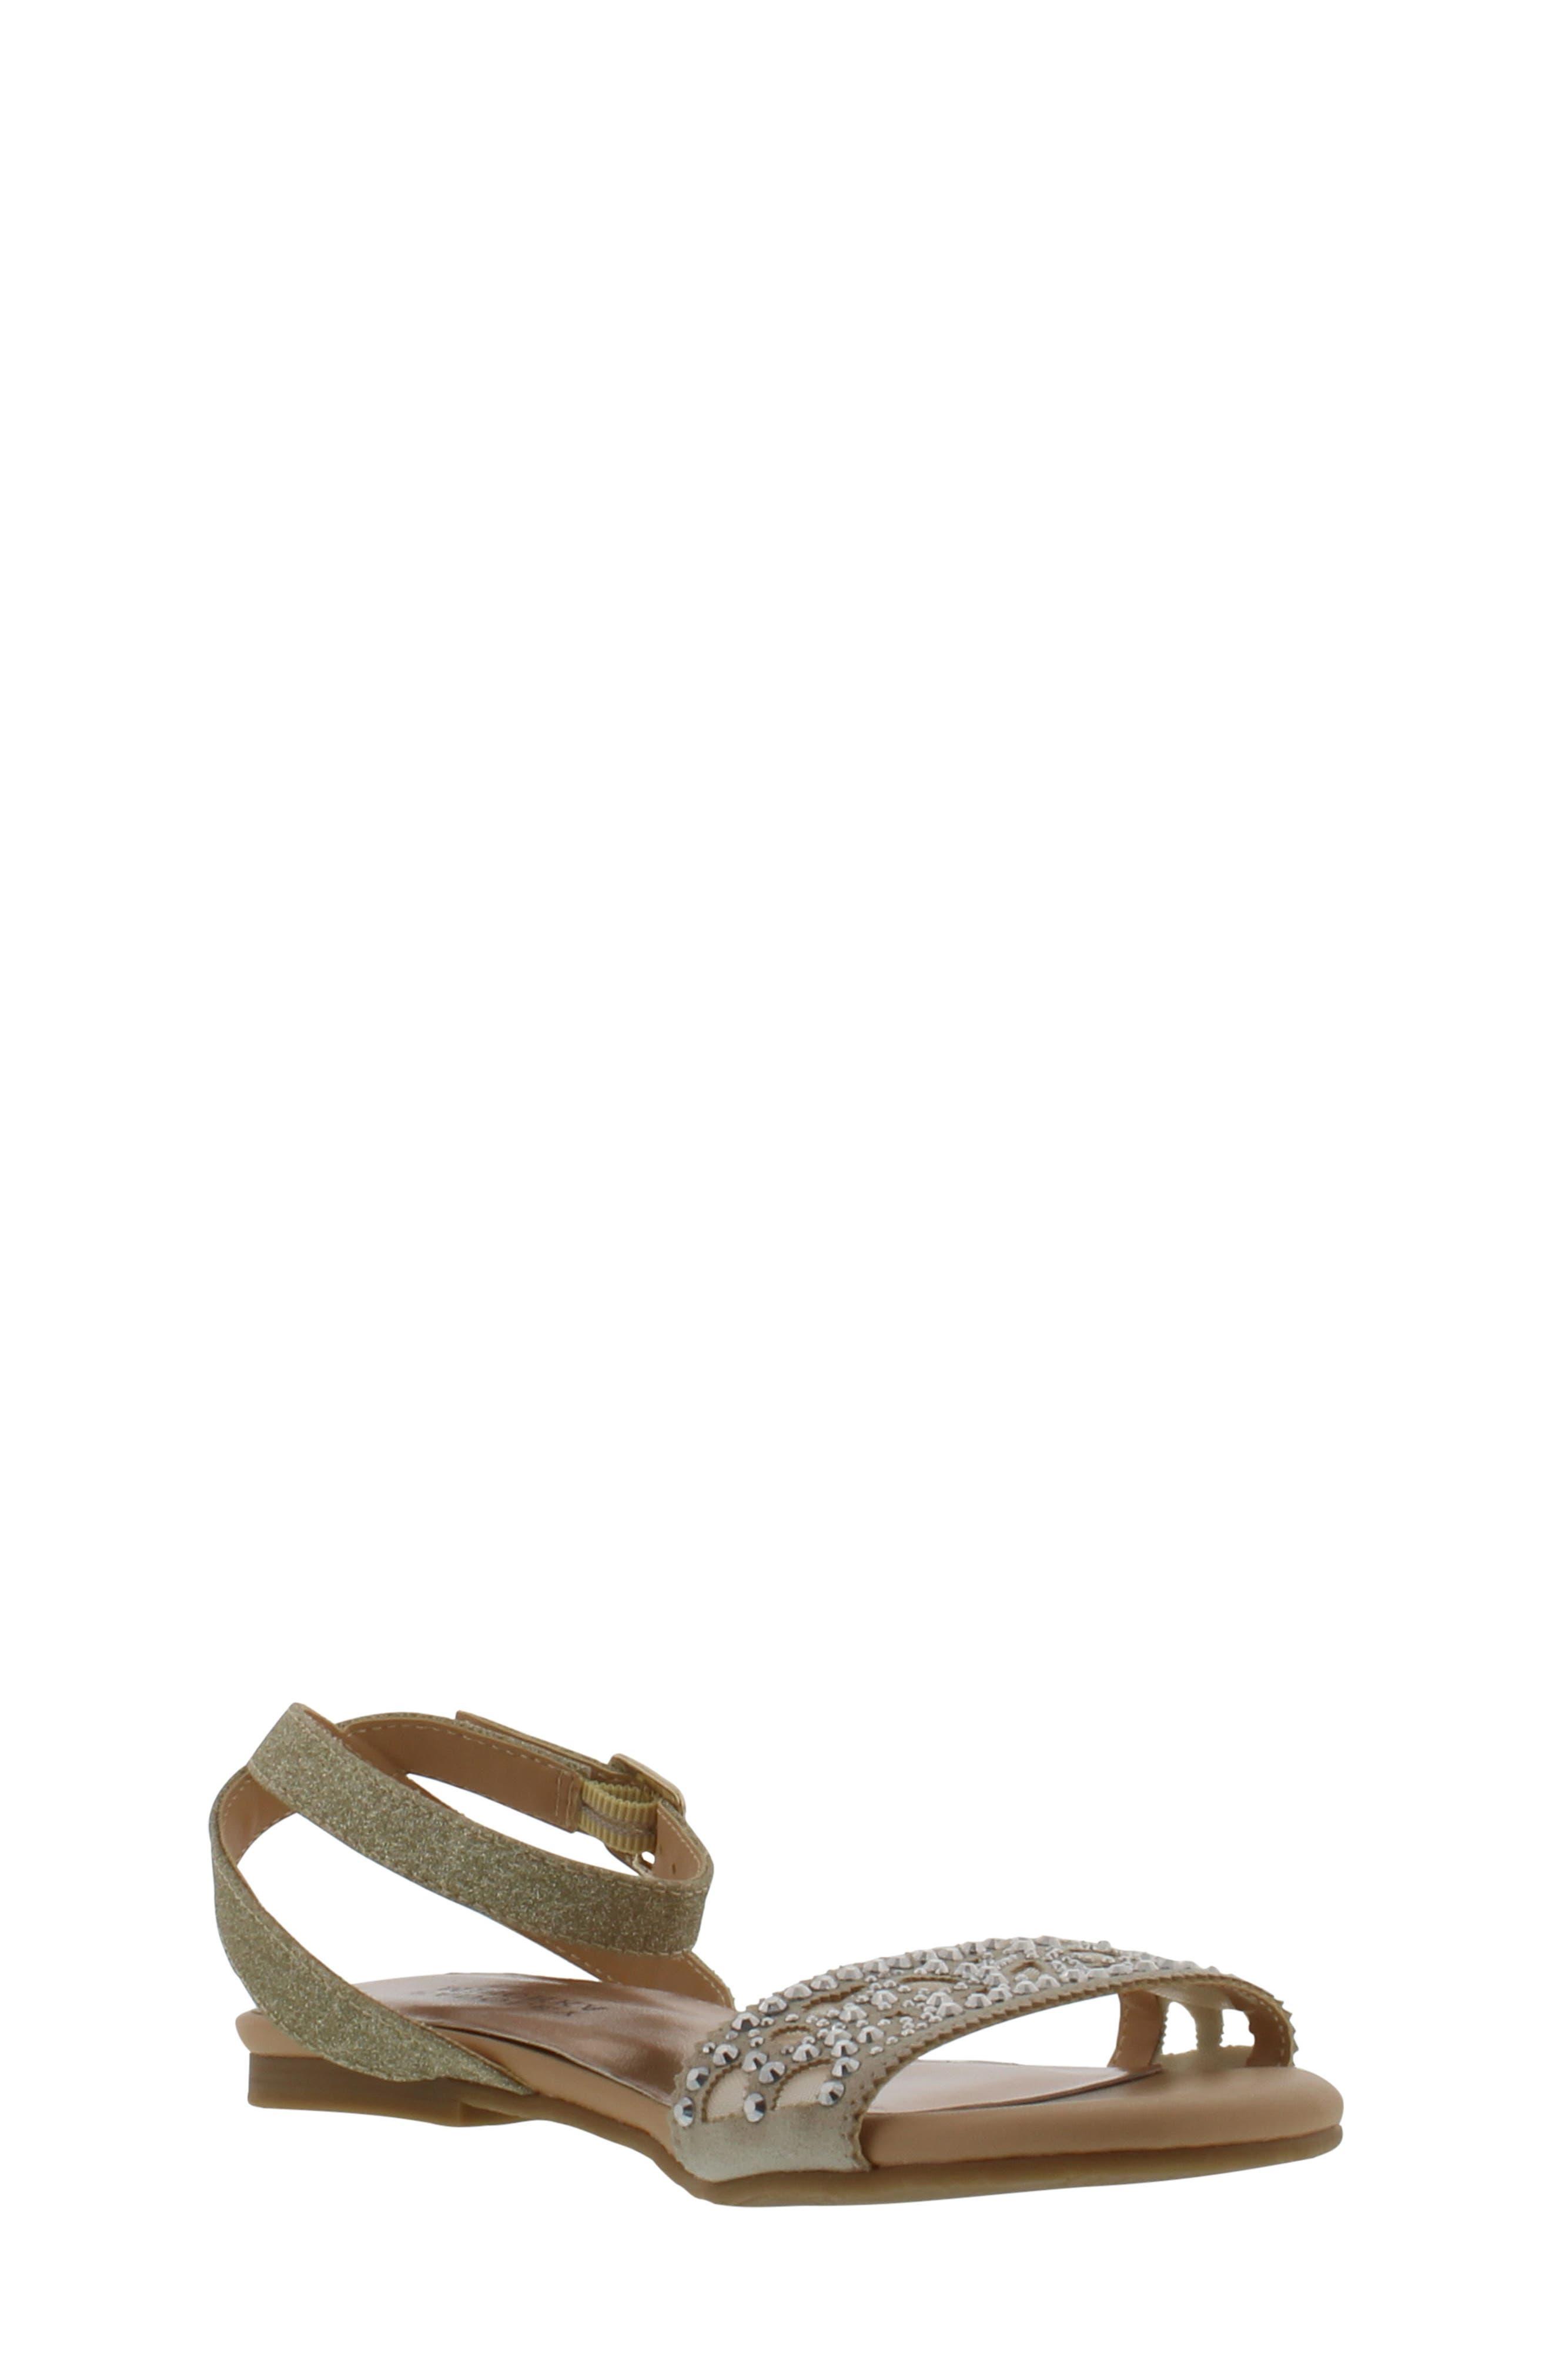 Alternate Image 1 Selected - Badgley Mischka Cara Embellished Sandal (Toddler, Little Kid & Big Kid)